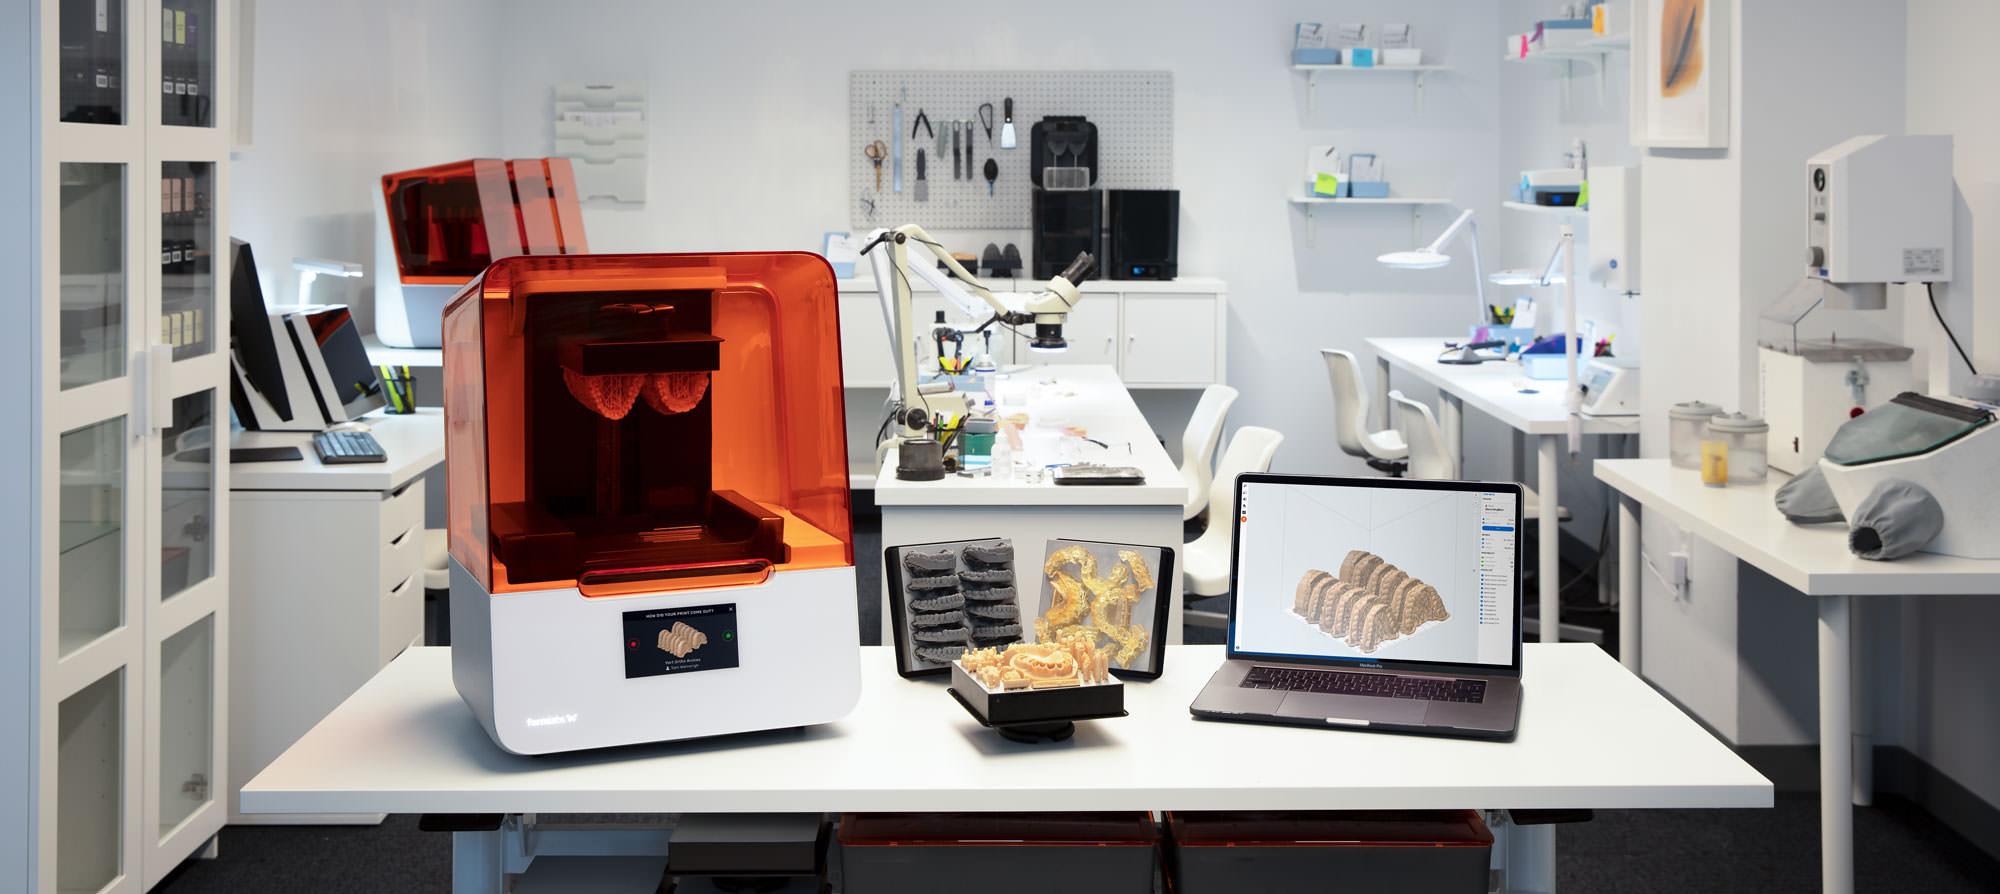 フォームラブズが歯科用3Dプリンター「フォームラブズ・デンタル」をリリース